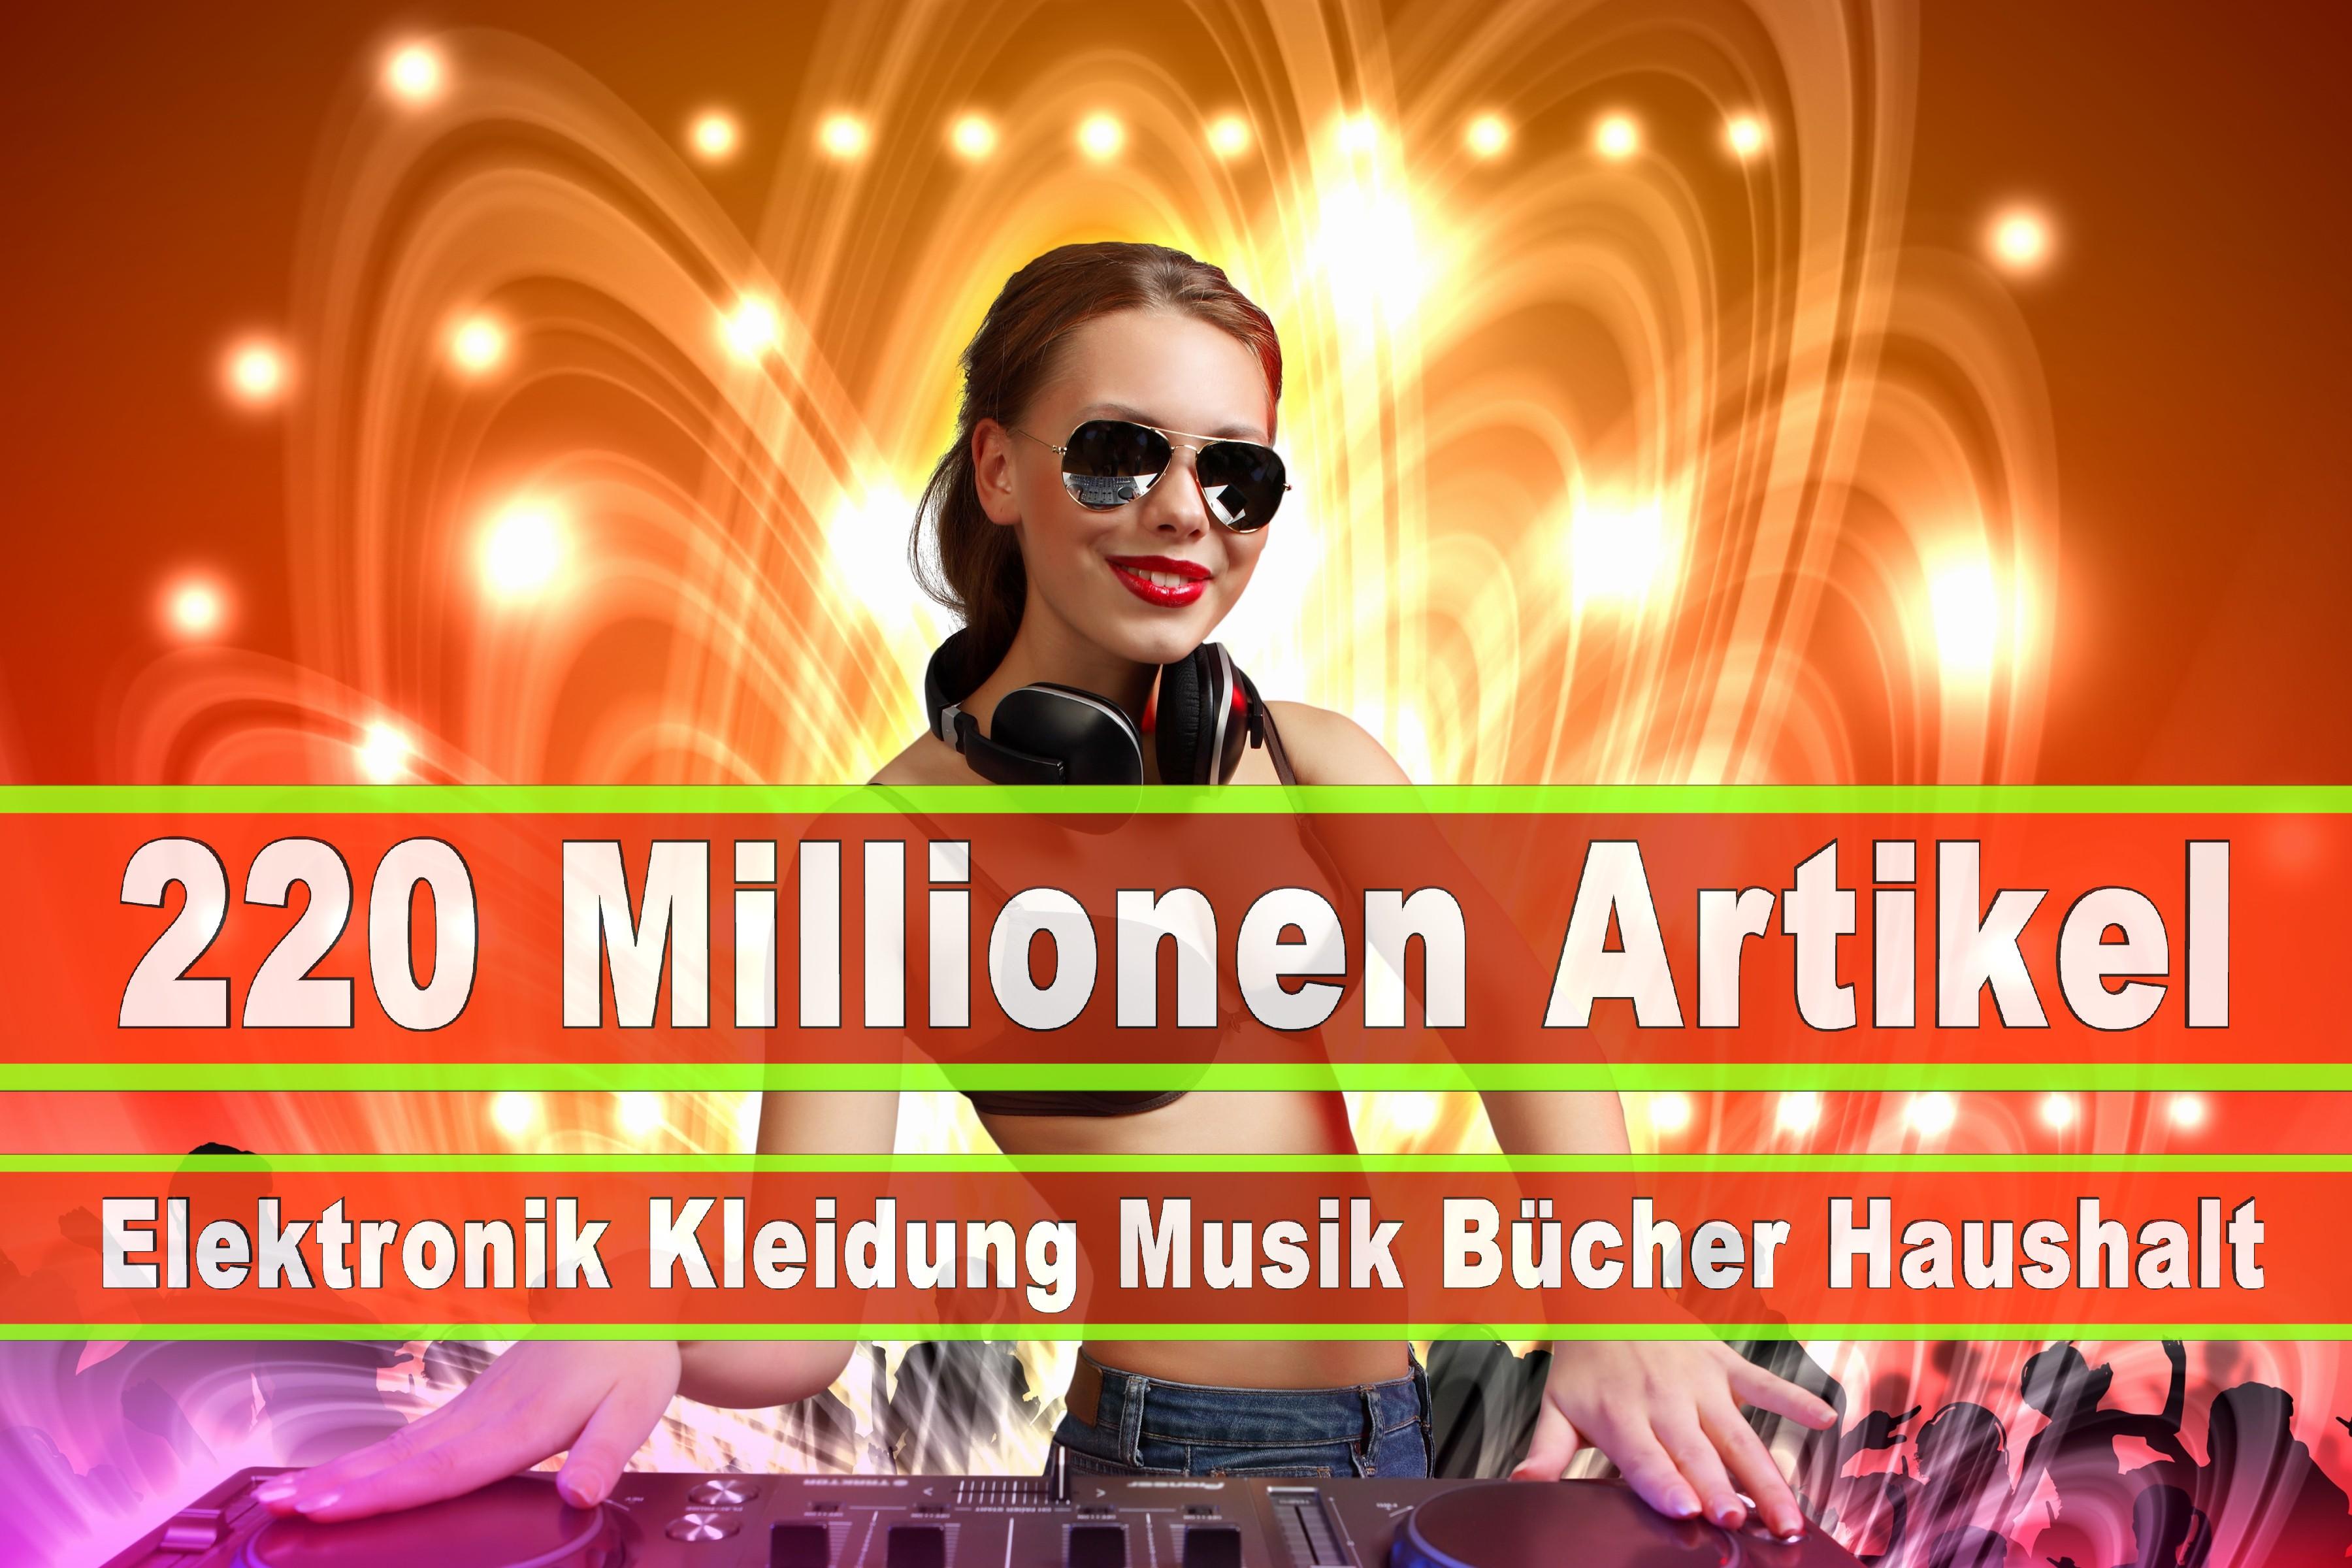 Amazon Elektronik Musik Haushalt Bücher CD DVD Handys Smartphones TV Television Fernseher Kleidung Mode Ebay Versandhaus (214)